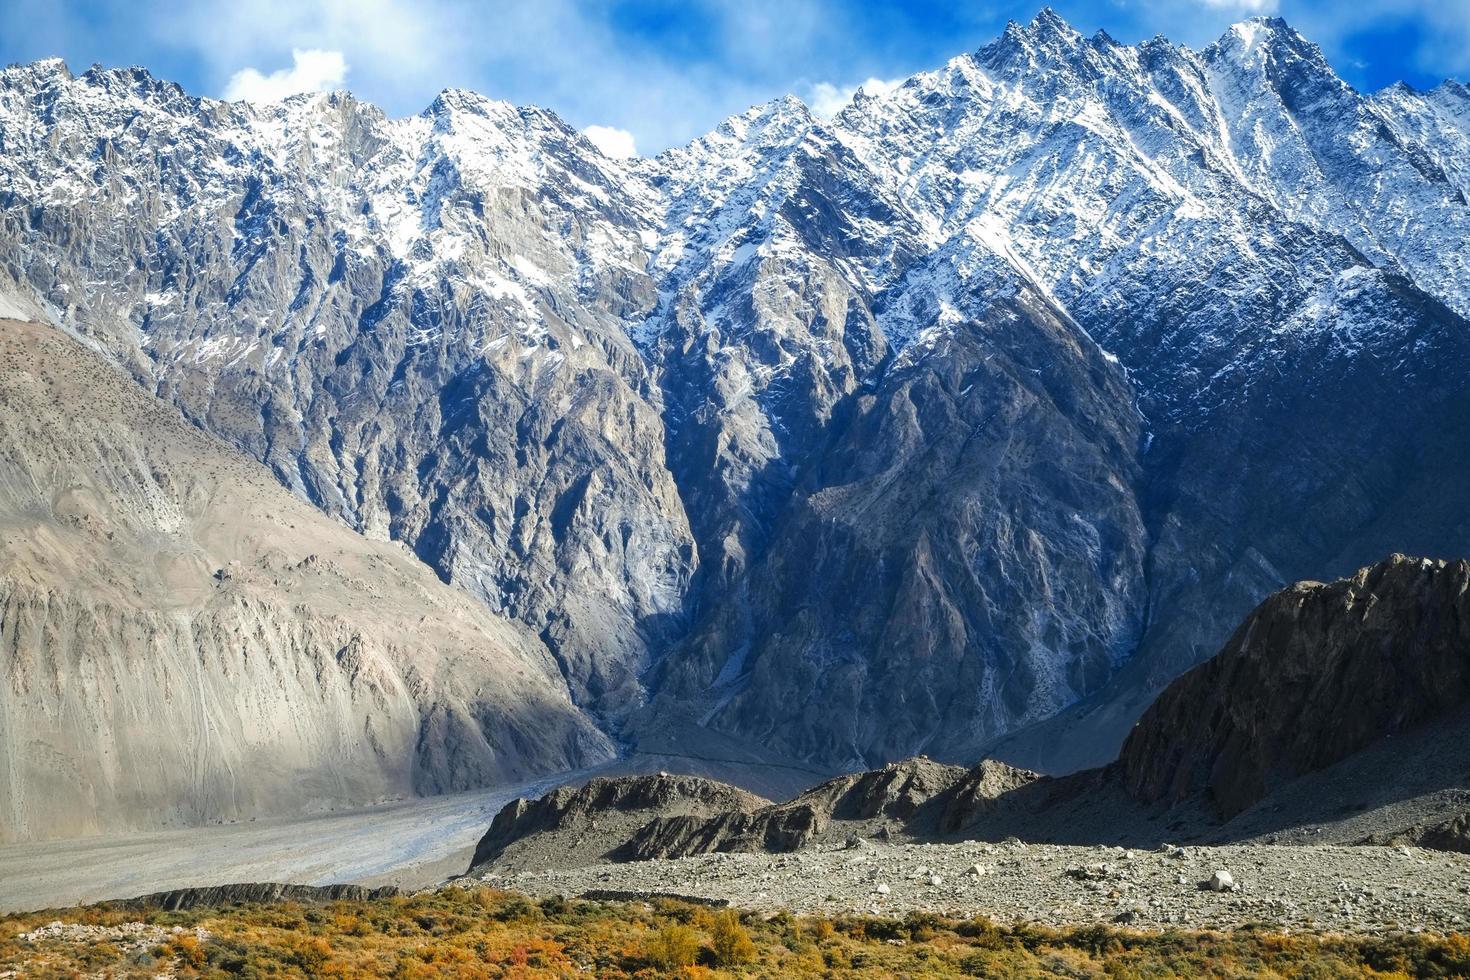 schneebedeckte Berge in Karakoram Range in Pakistan foto